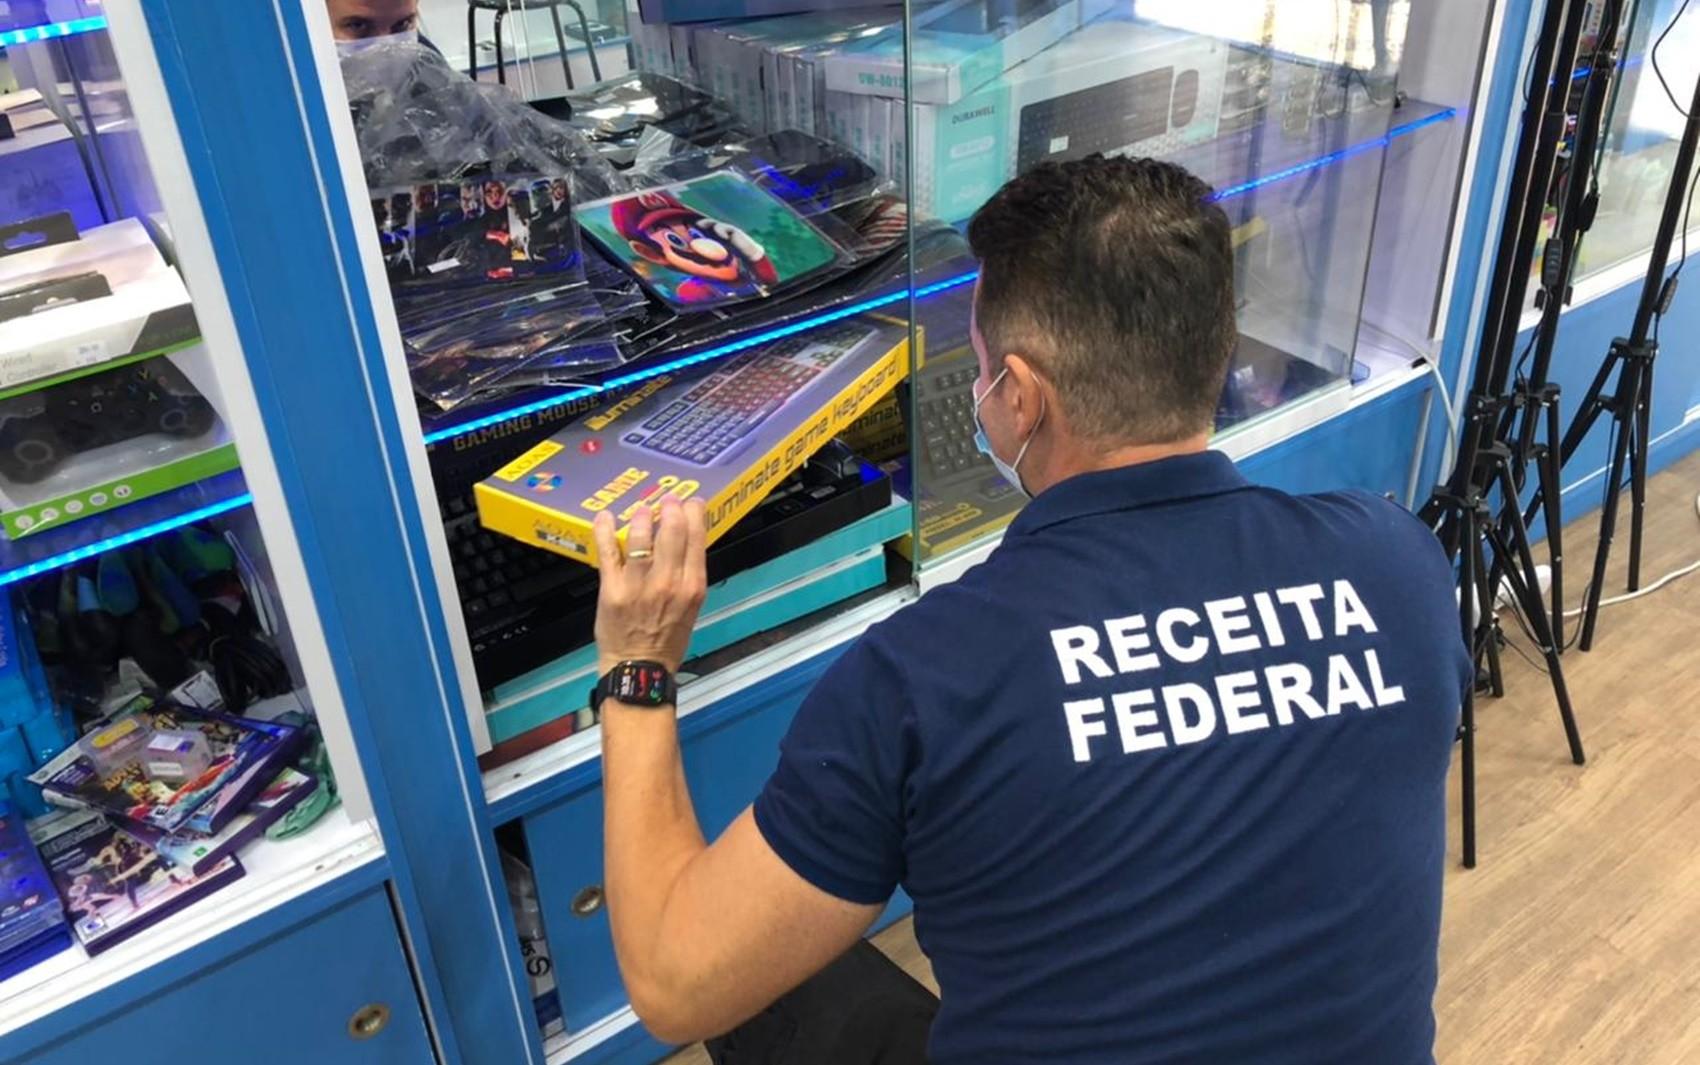 Operação apreende cerca de R$ 1 milhão em mercadorias importadas irregularmente em Pouso Alegre, MG